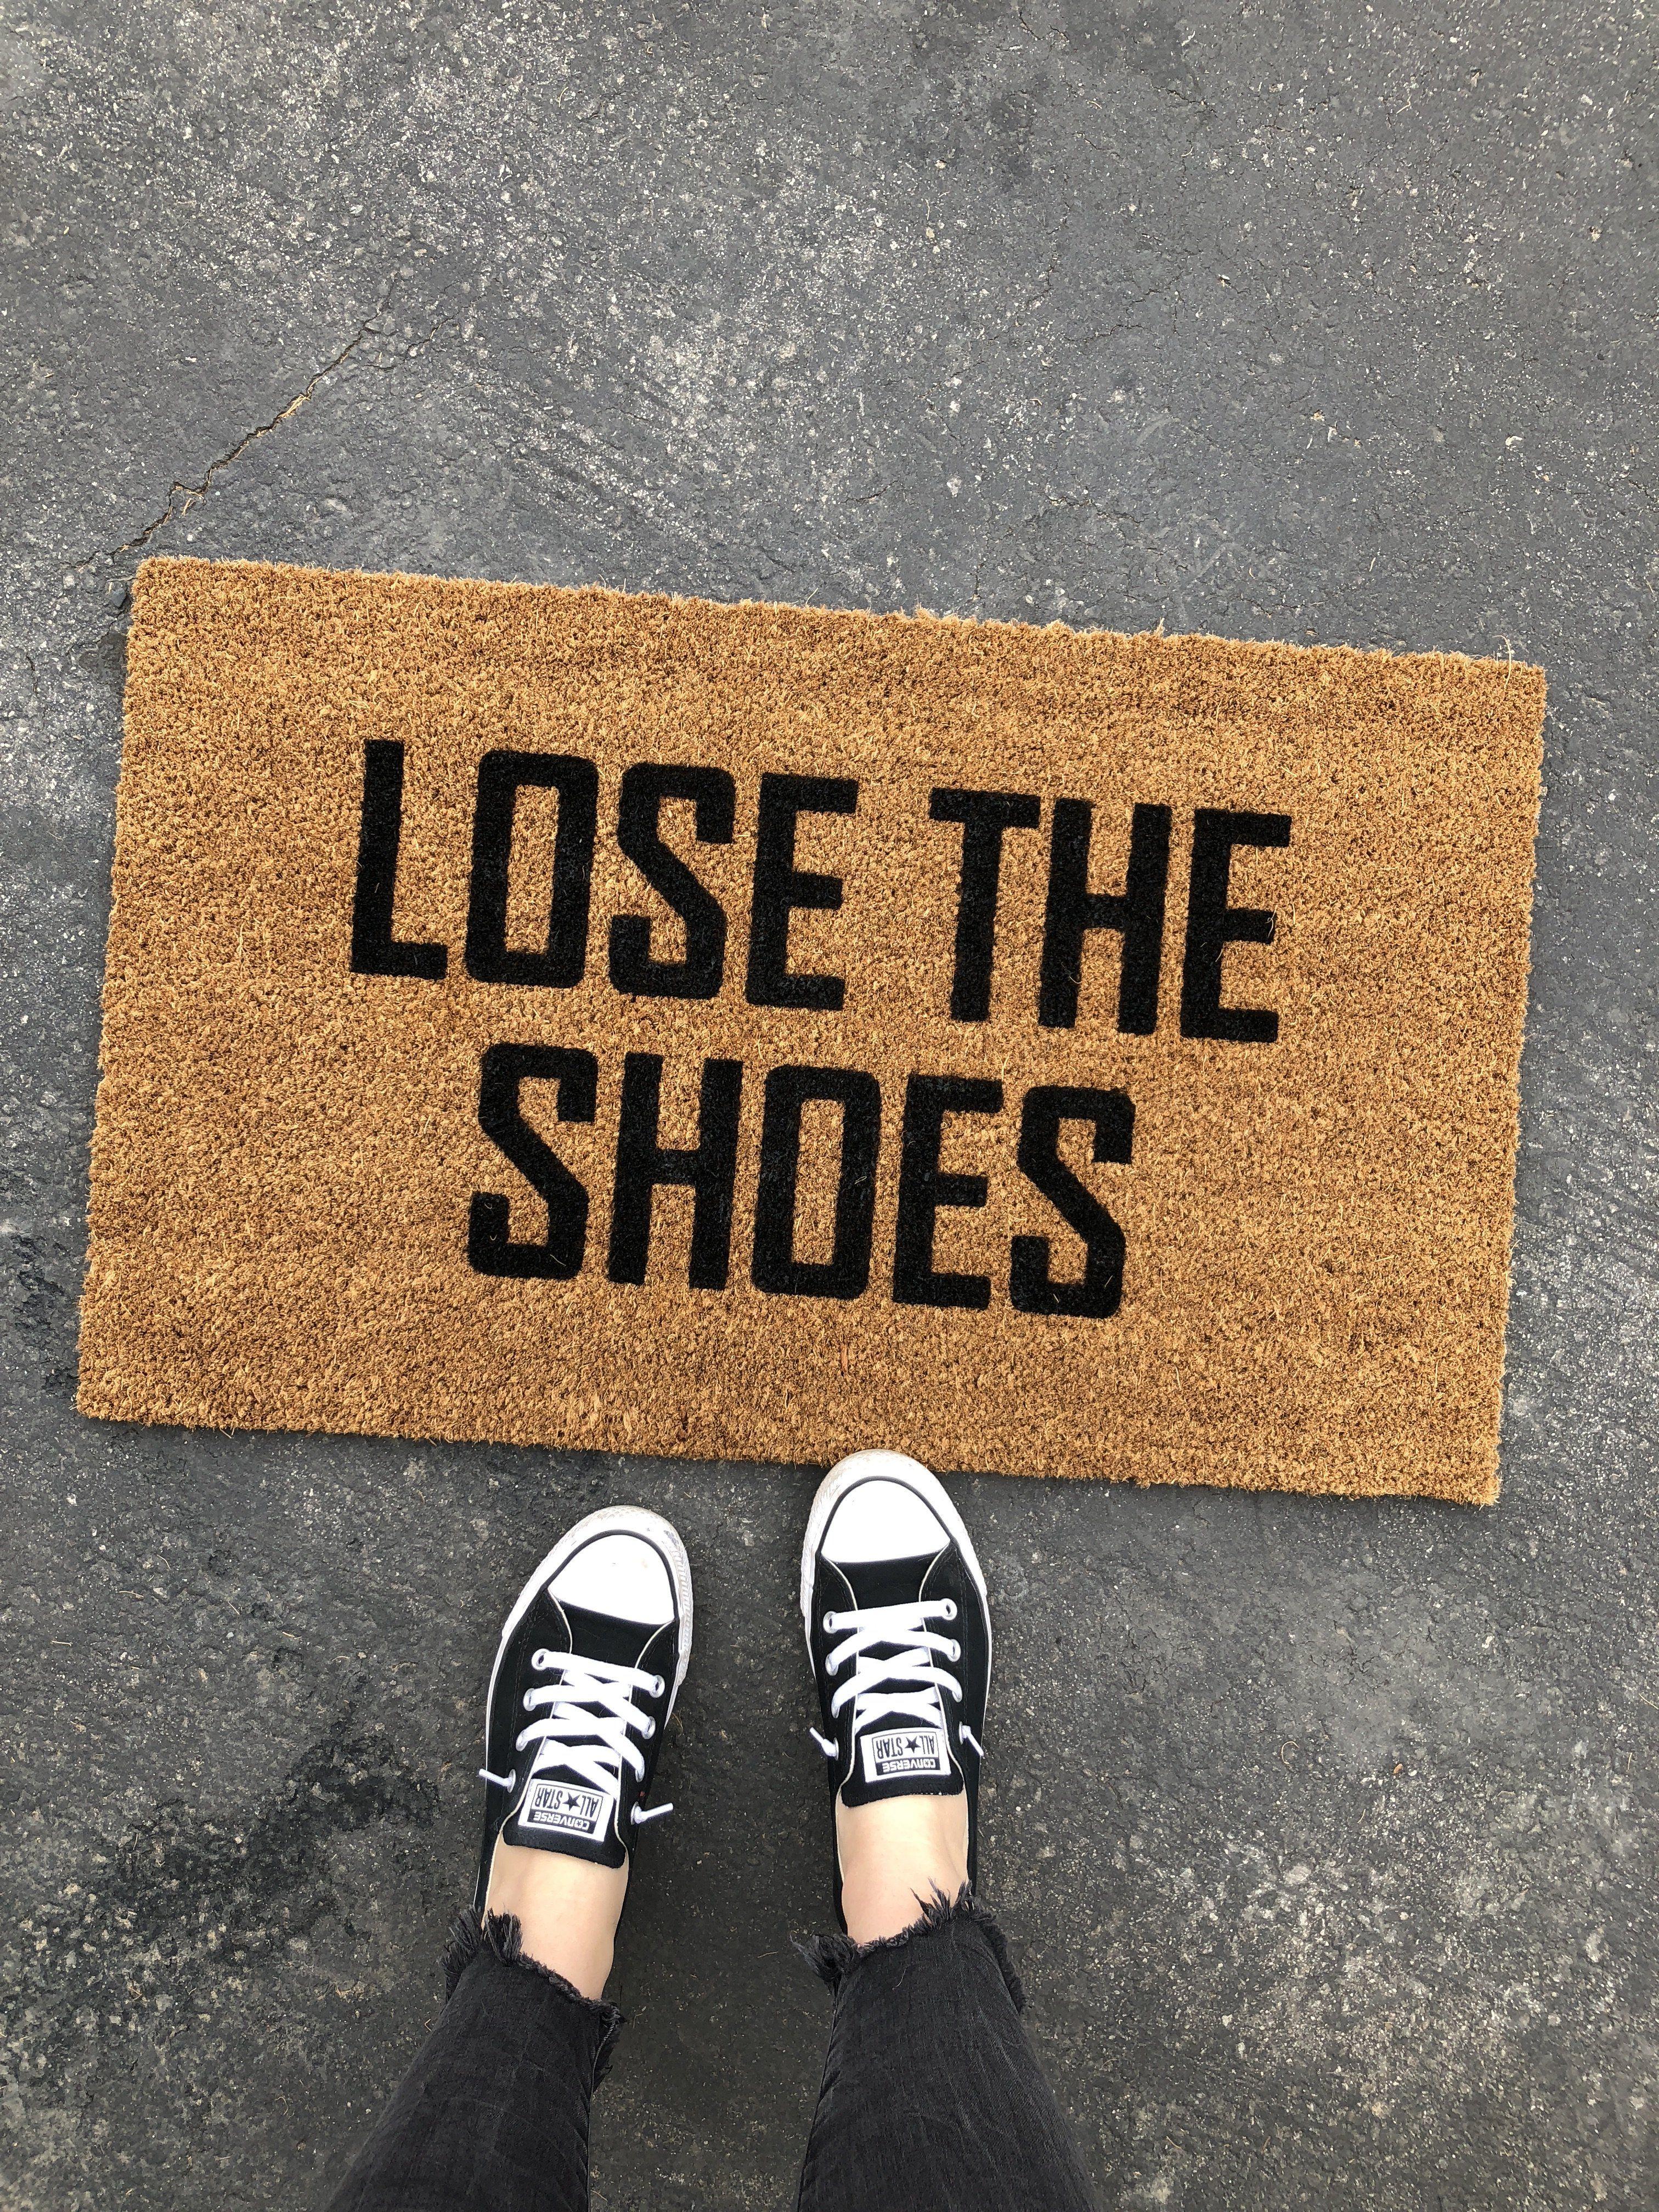 Lose The Shoes Funny Doormat Funny Doormats Front Door Mats